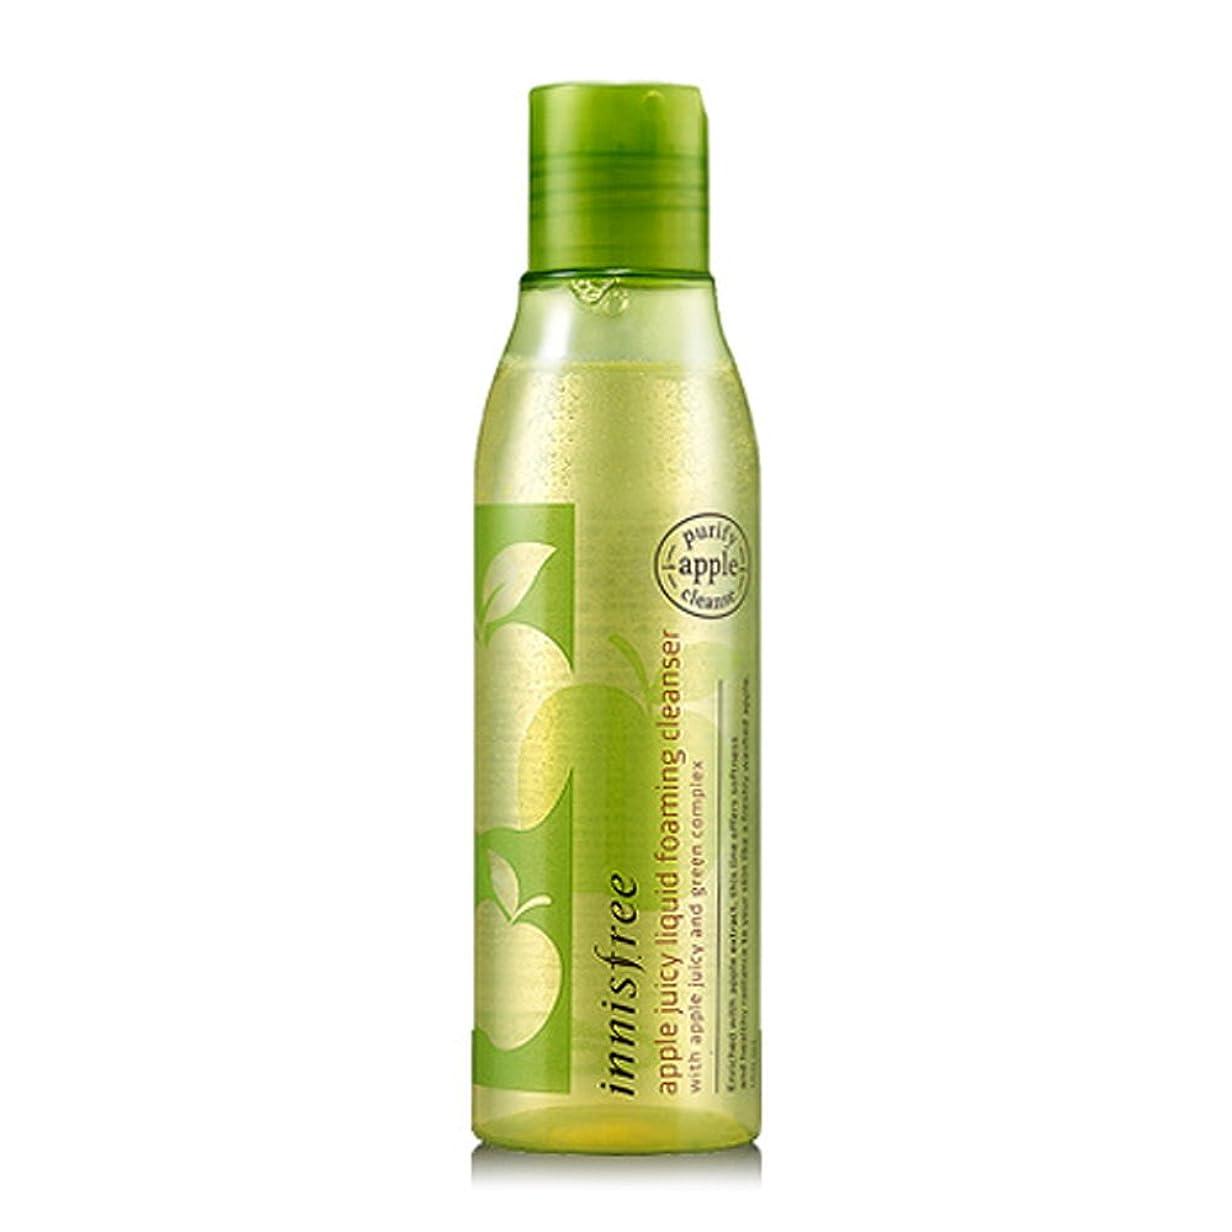 感じる提出する増加する[イニスフリー Innsfree] Apple Juicy Liquid Foaming Cleanser 150ml